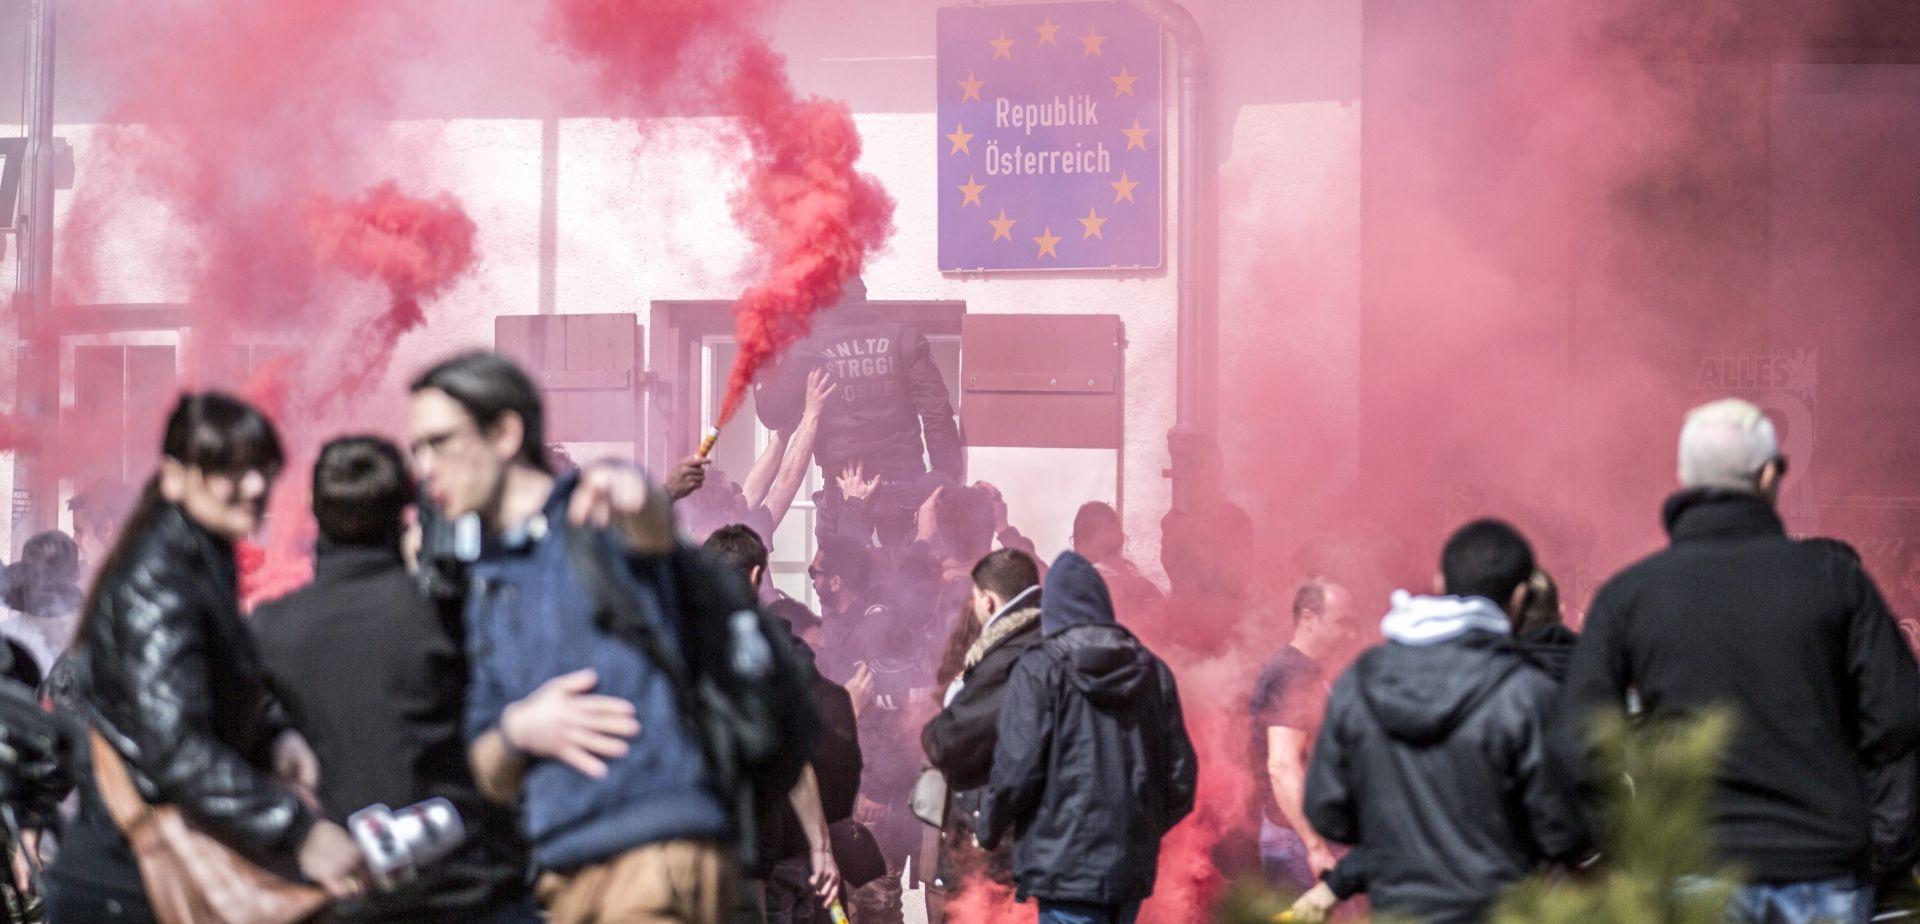 Talijani prosvjeduju protiv ustavne reforme